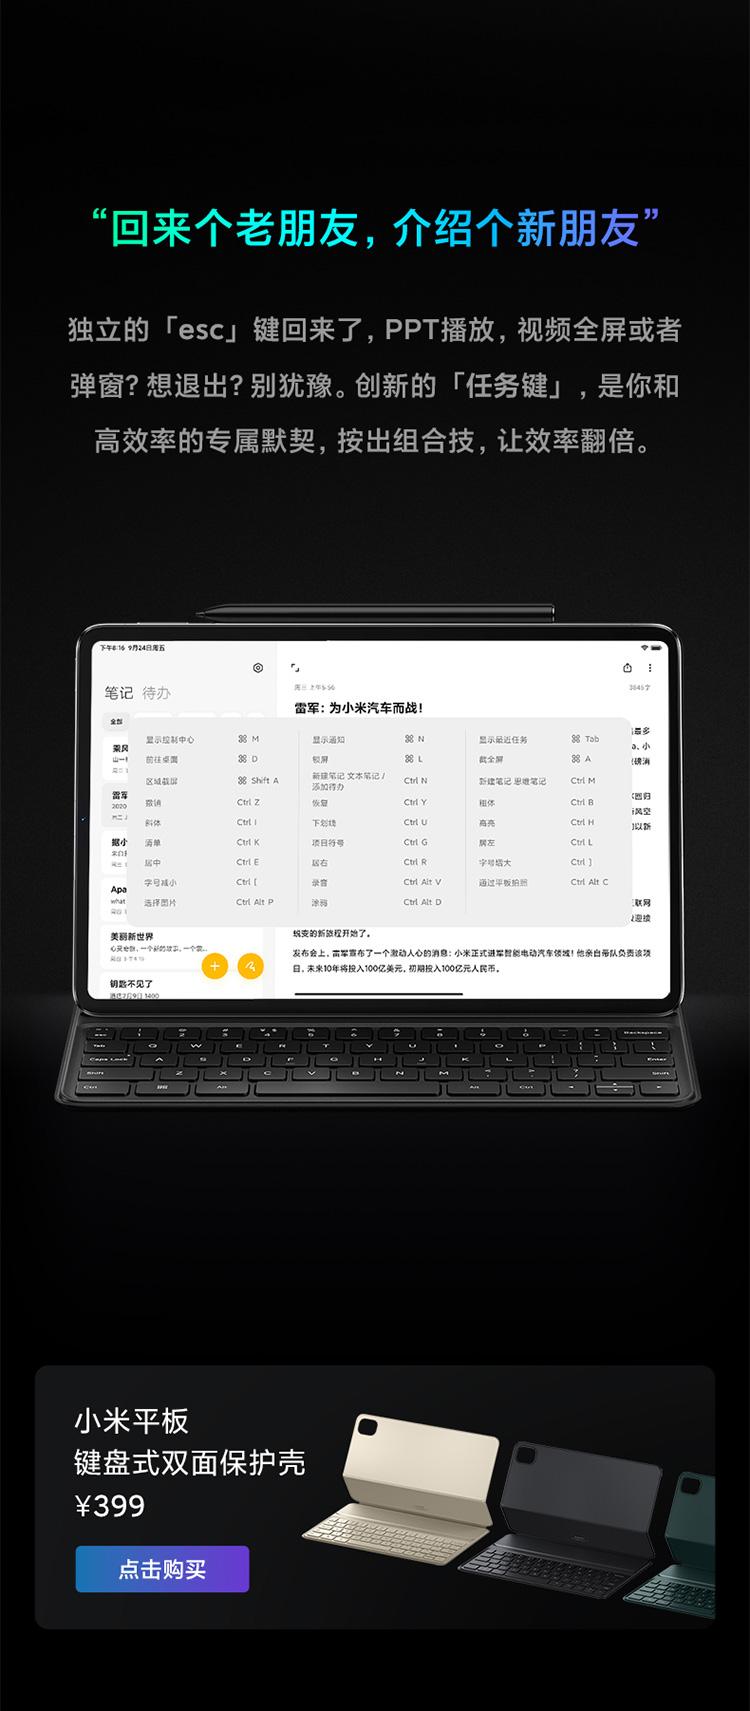 小米 平板5 Pro 2021款 11英寸平板电脑 6GB+128GB 图26